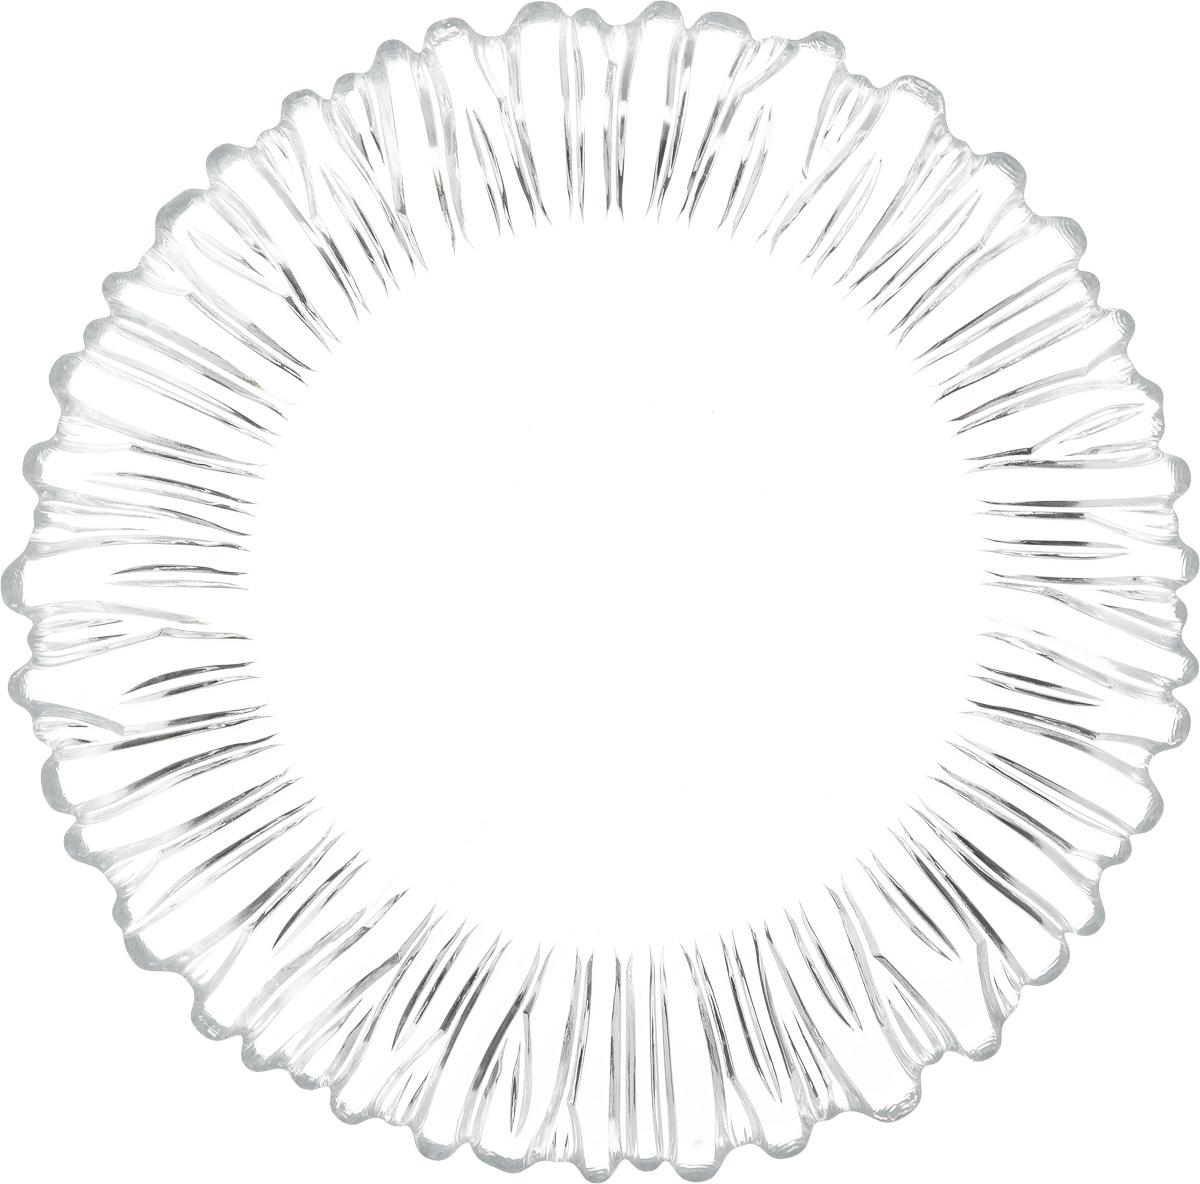 Блюдо Pasabahce Аврора, диаметр 31,5 см115510Блюдо Pasabahce Аврора изготовлено из качественного натрий-кальций-силикатного стекла, которое отличается прочностью и износостойкостью. Изделие дополнено изысканным рельефом. Отлично подходит для сервировки десертов, закусок, нарезок и многого другого. Такое блюдо изысканно дополнит сервировку стола.